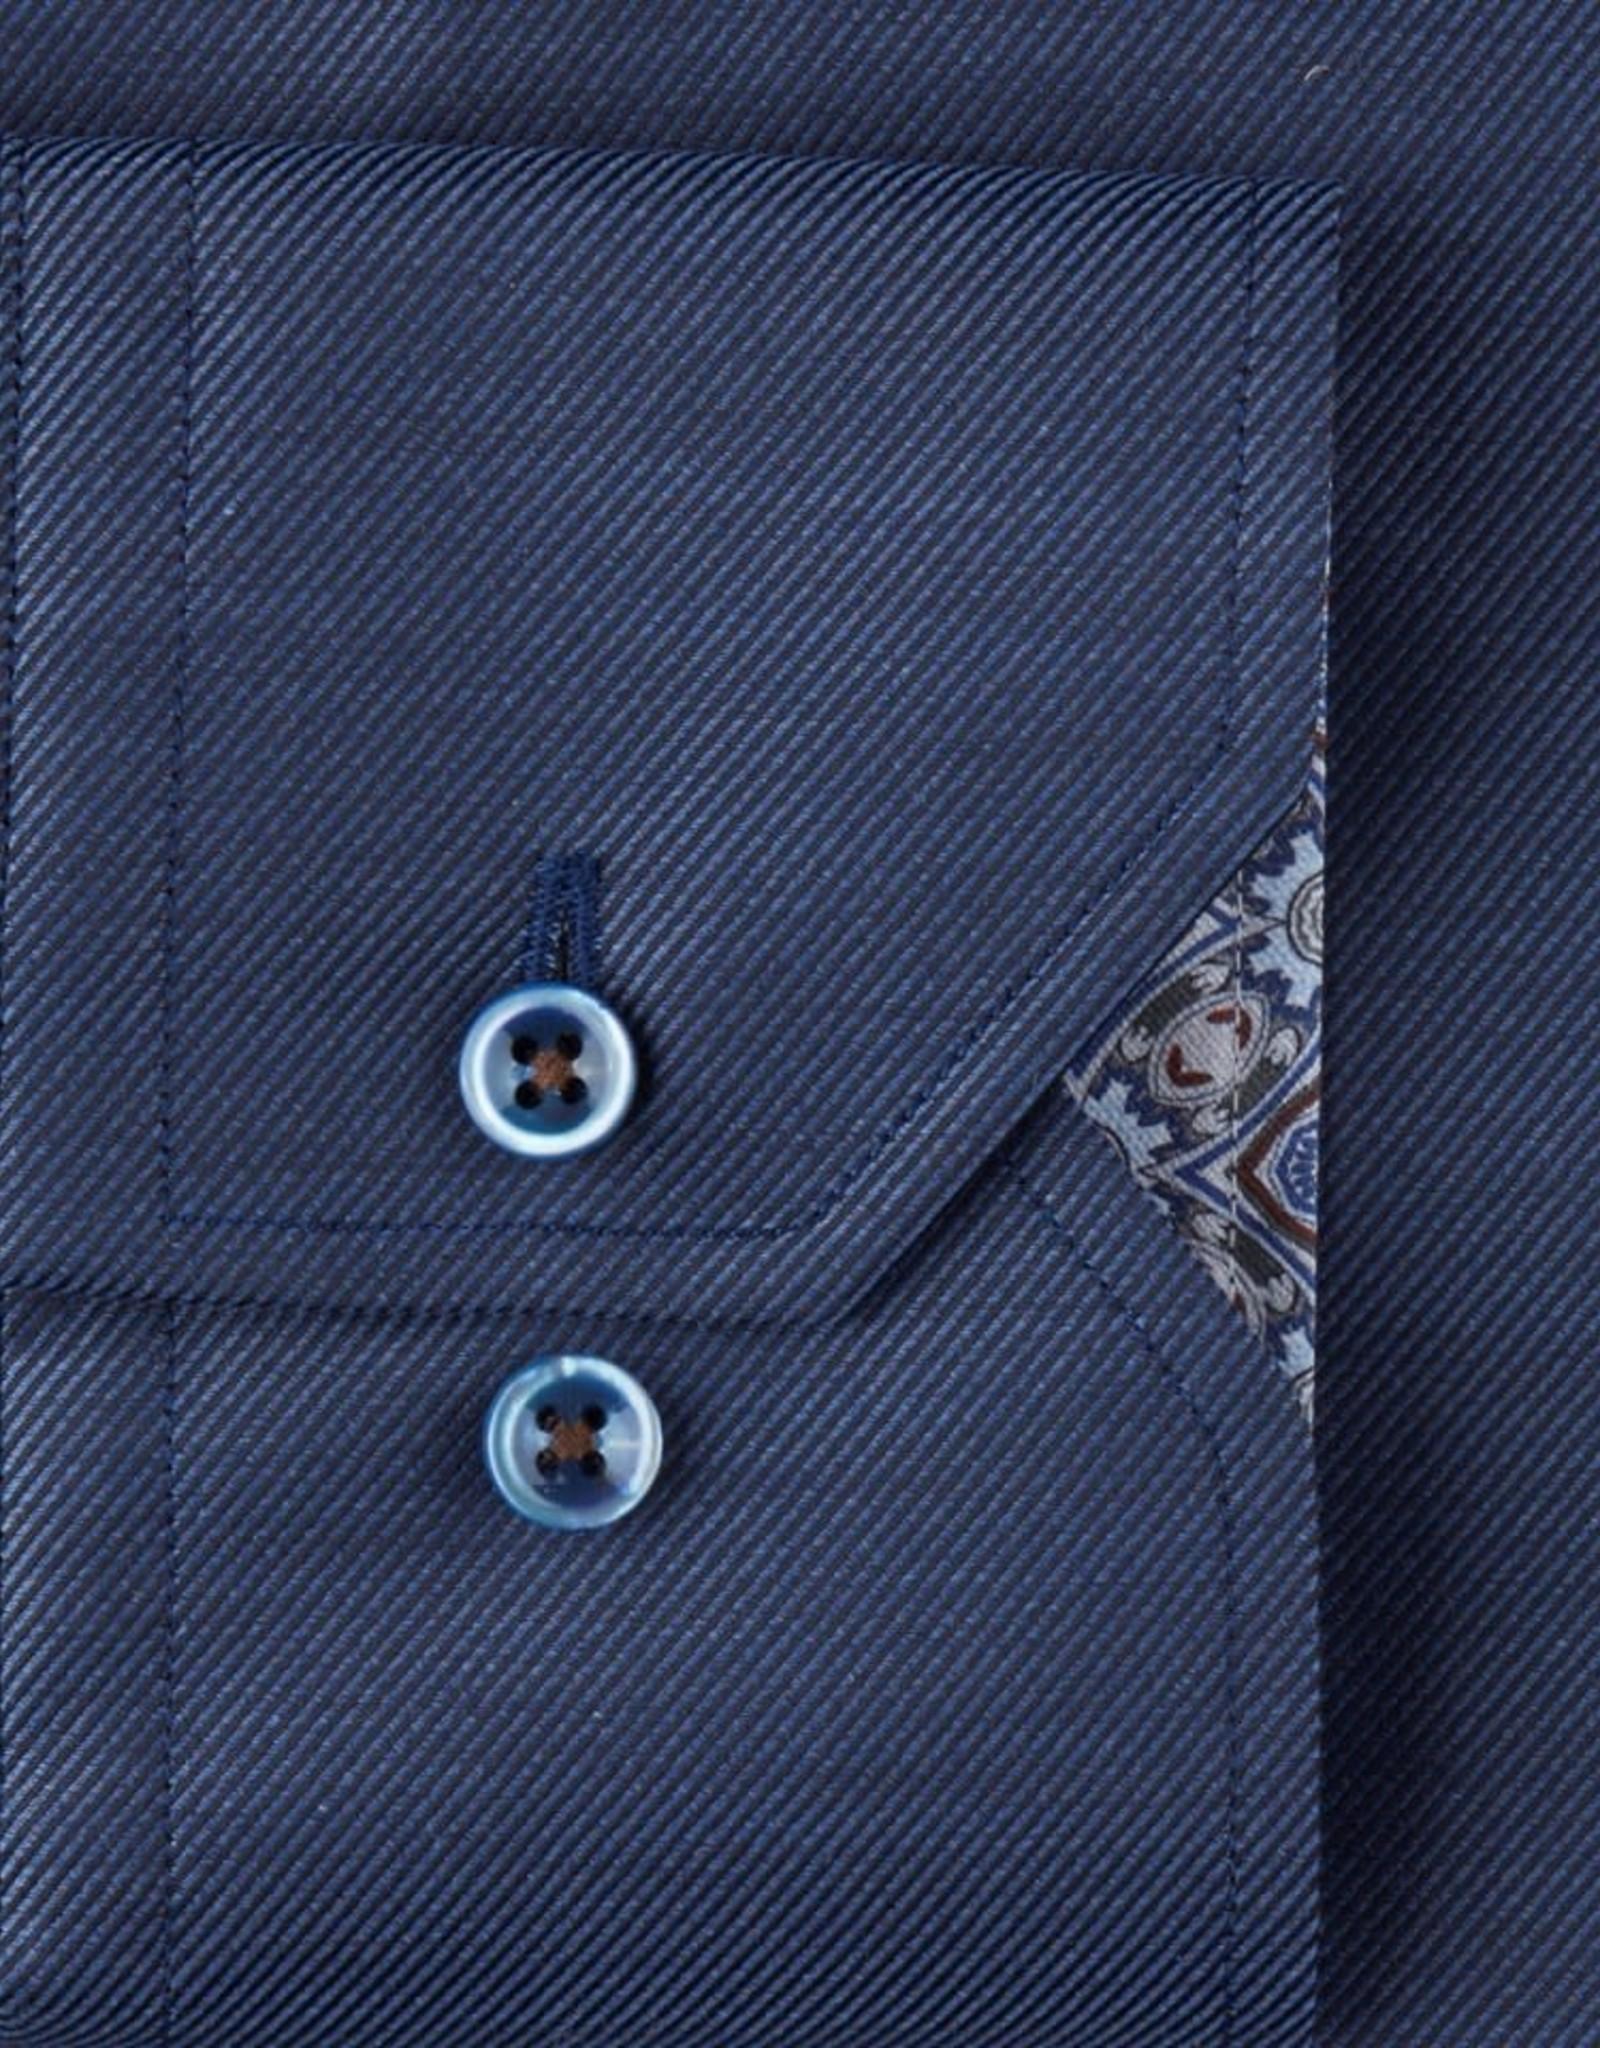 Stenströms Stenströms hemd blauw fitted body 684771-7616/180